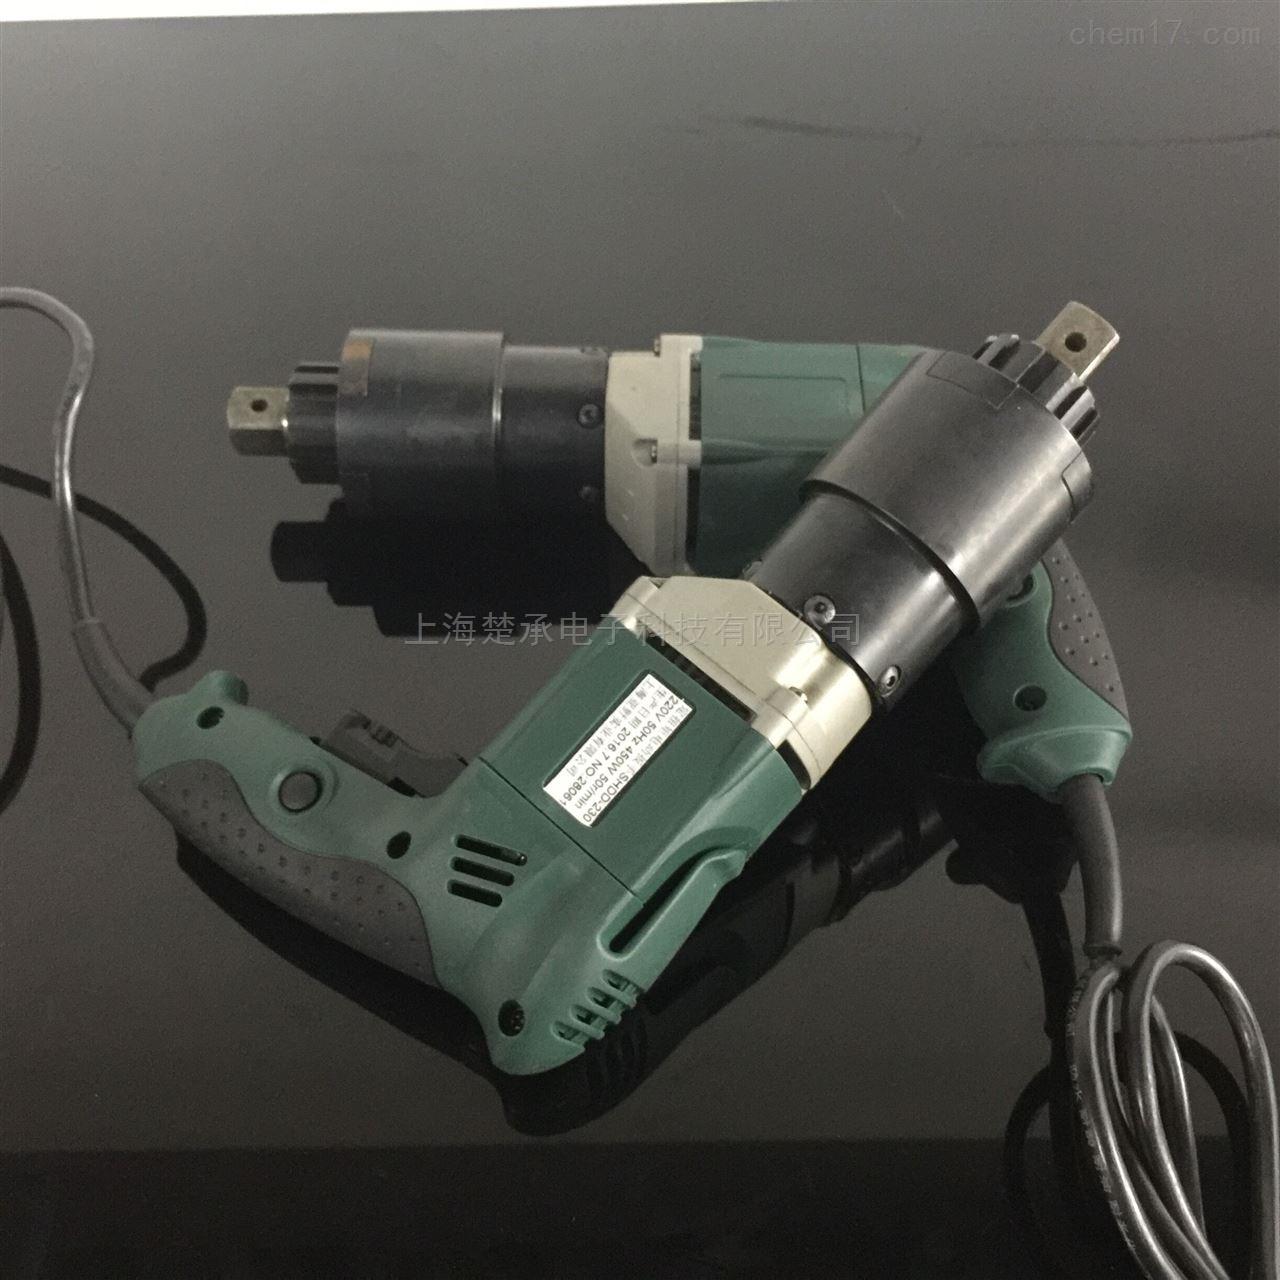 電動扭力扳手數顯式電動扳手供應商